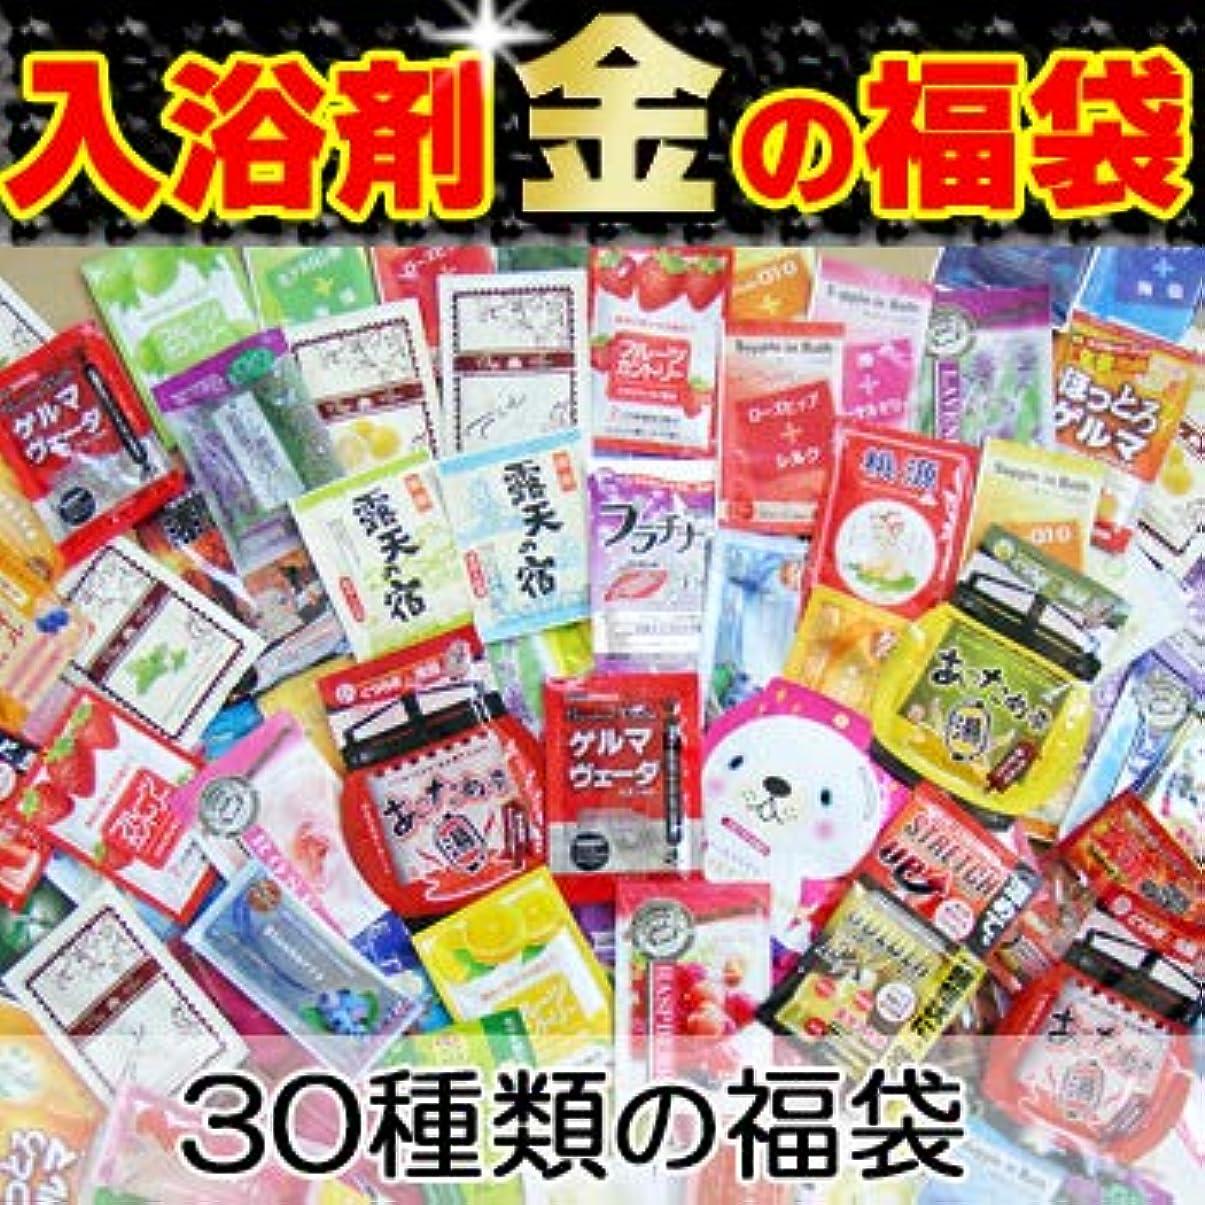 に向かってダニ羊のお試し入浴剤 金の福袋30種類!30日分 入浴剤福袋 安心の日本製!